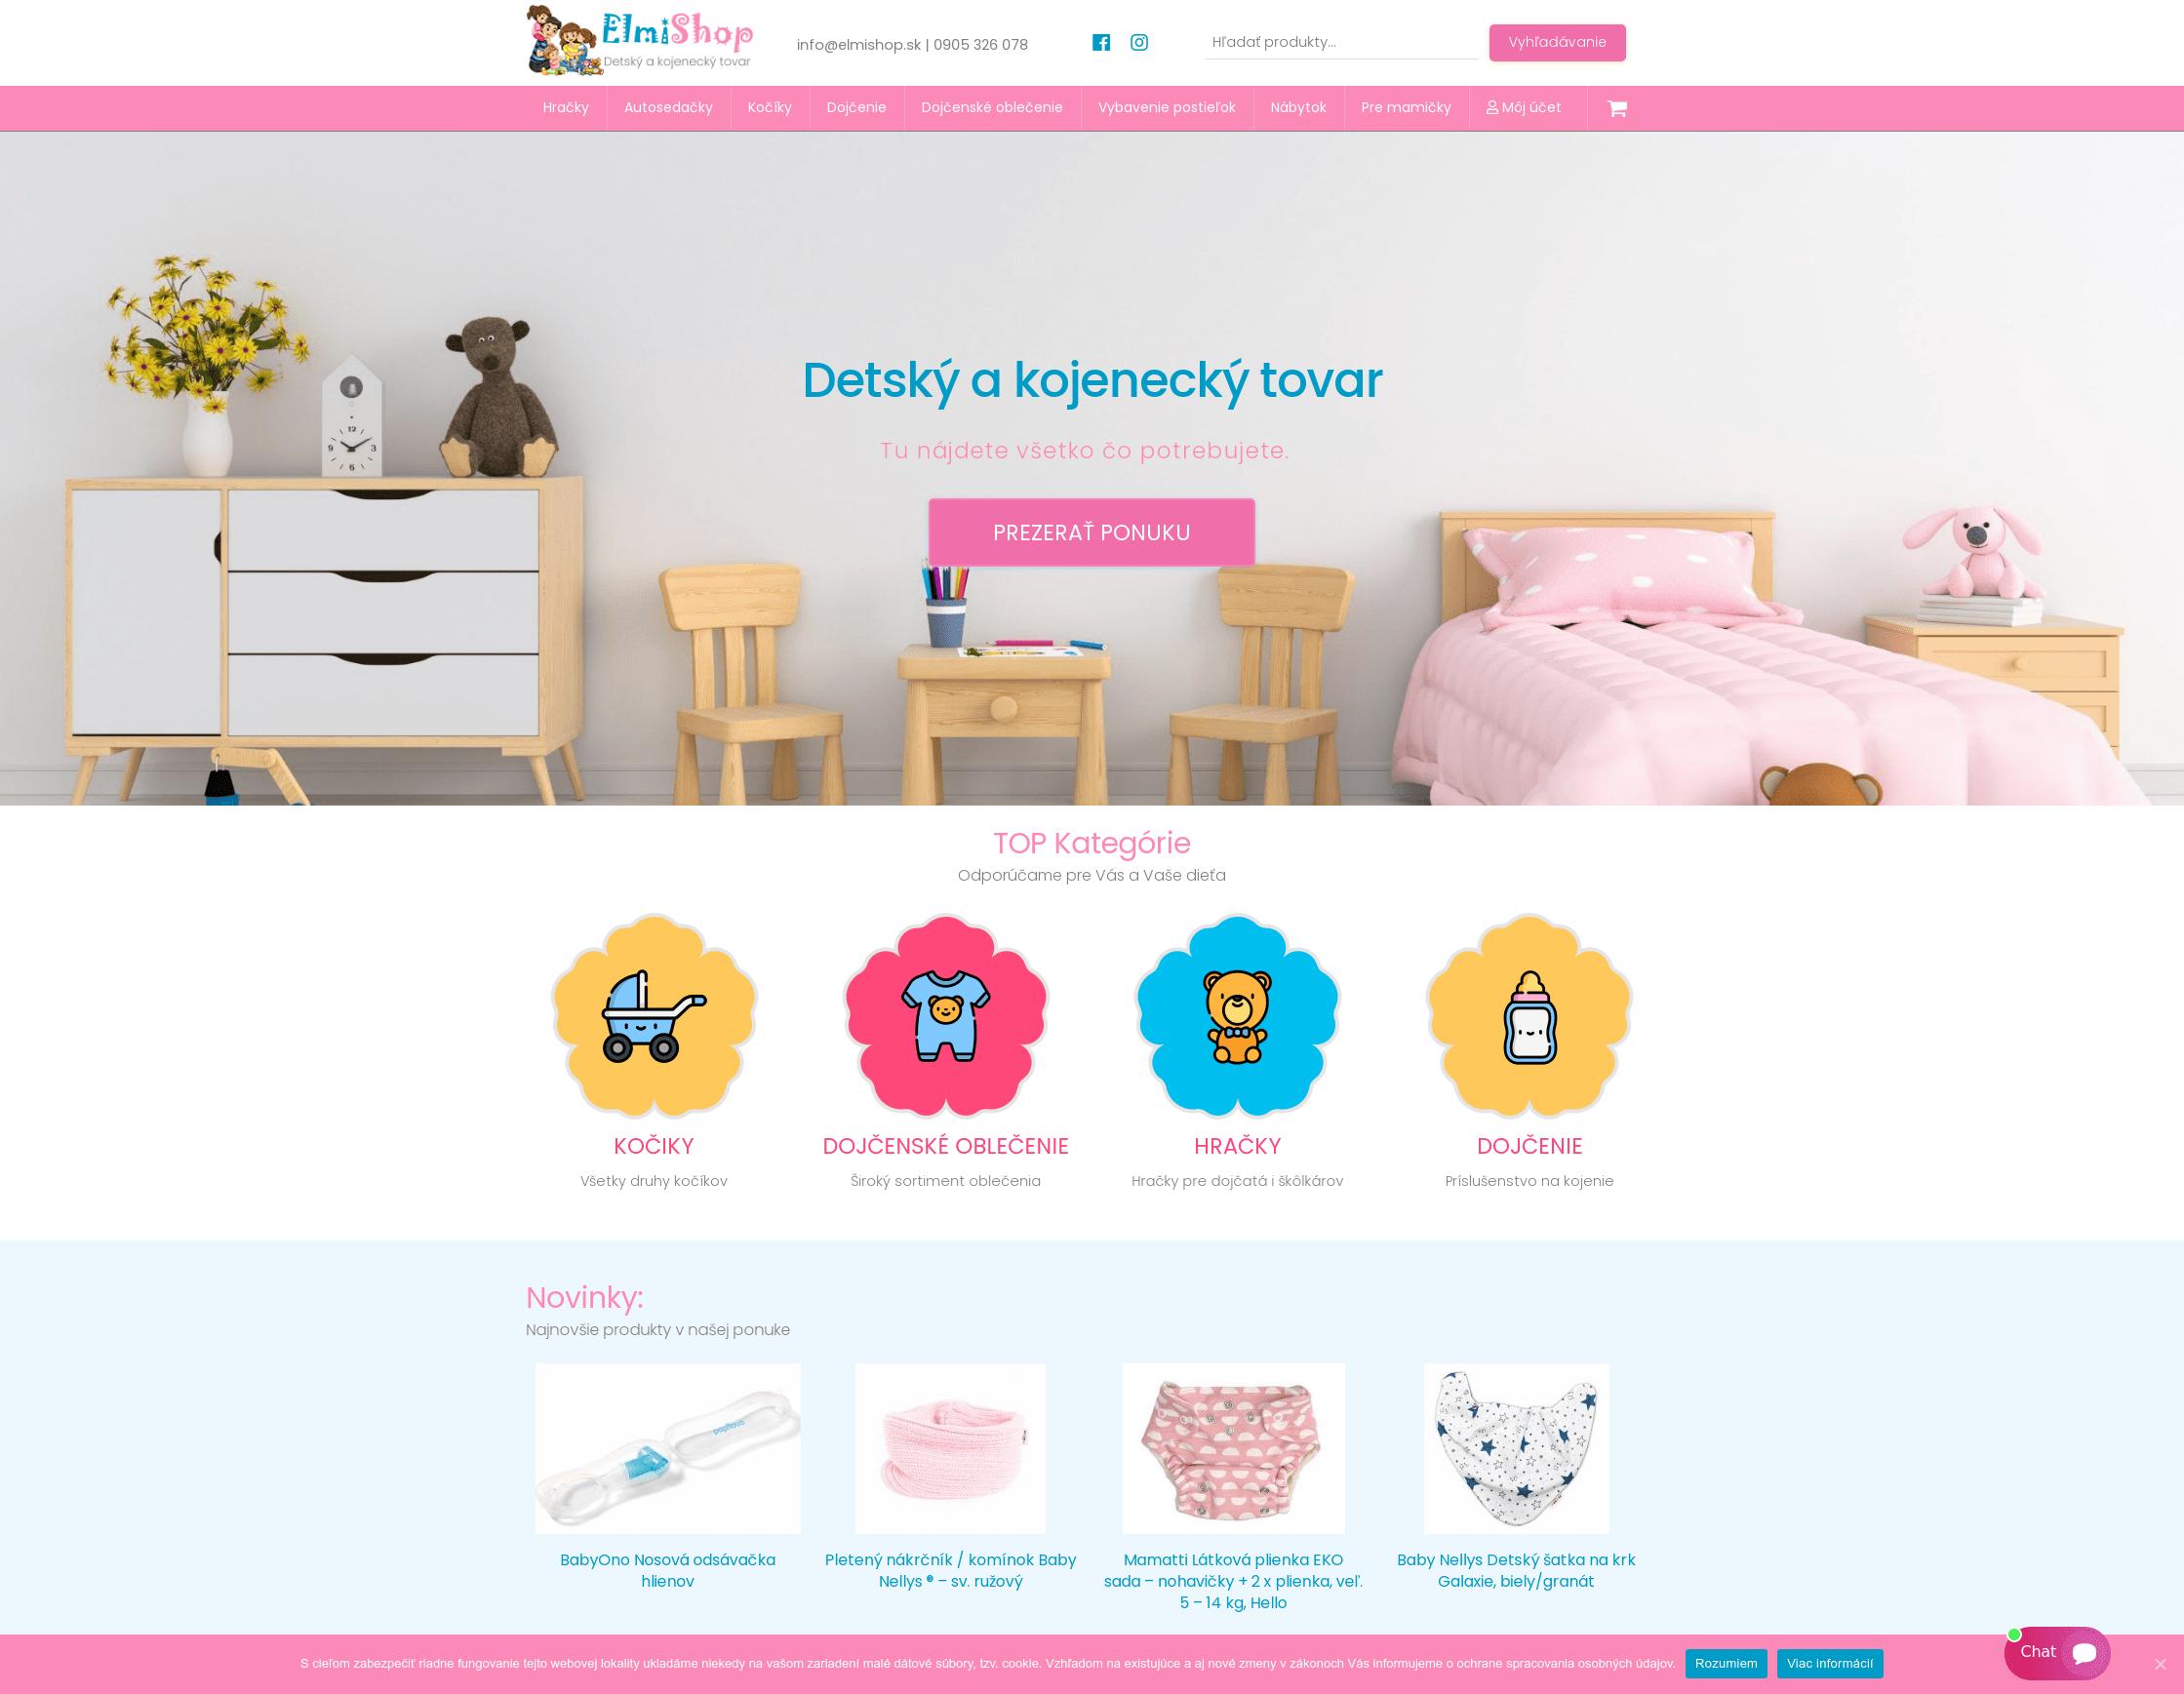 Vytvorenie internetového obchodu, import produktov, vytvorenie loga a reklamy...